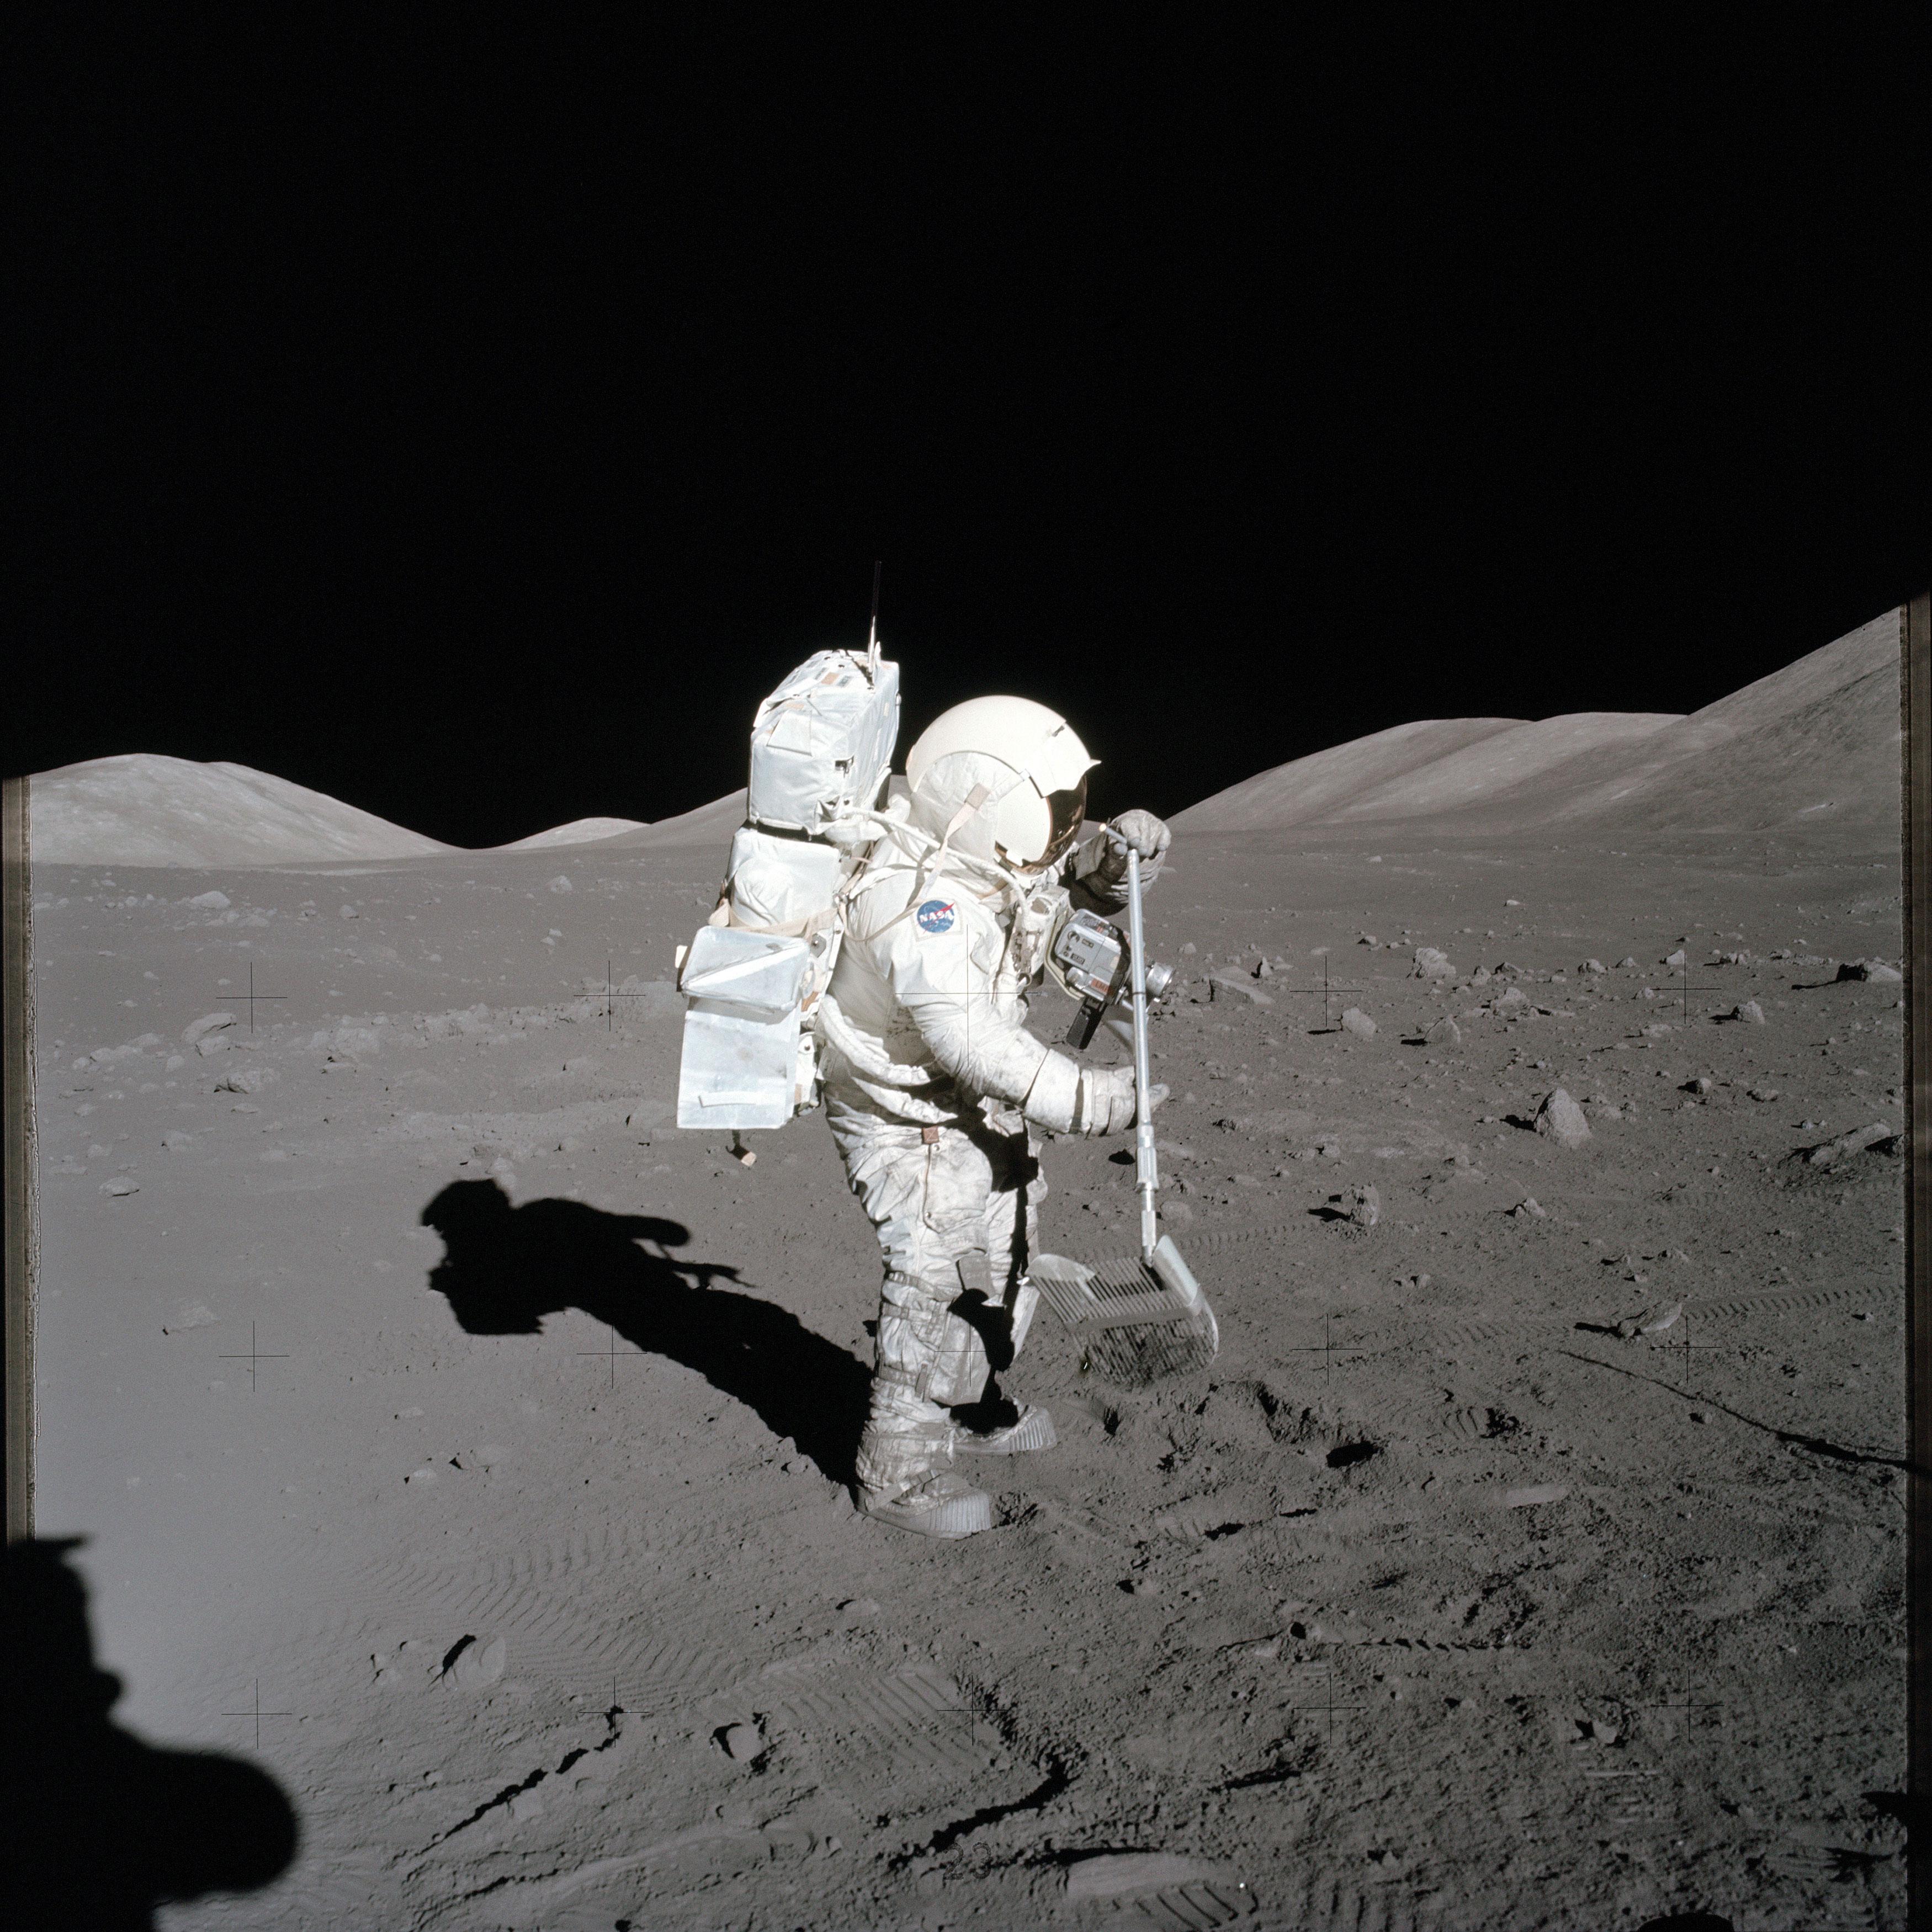 Як я на місяці відпочивав фото 21 фотография